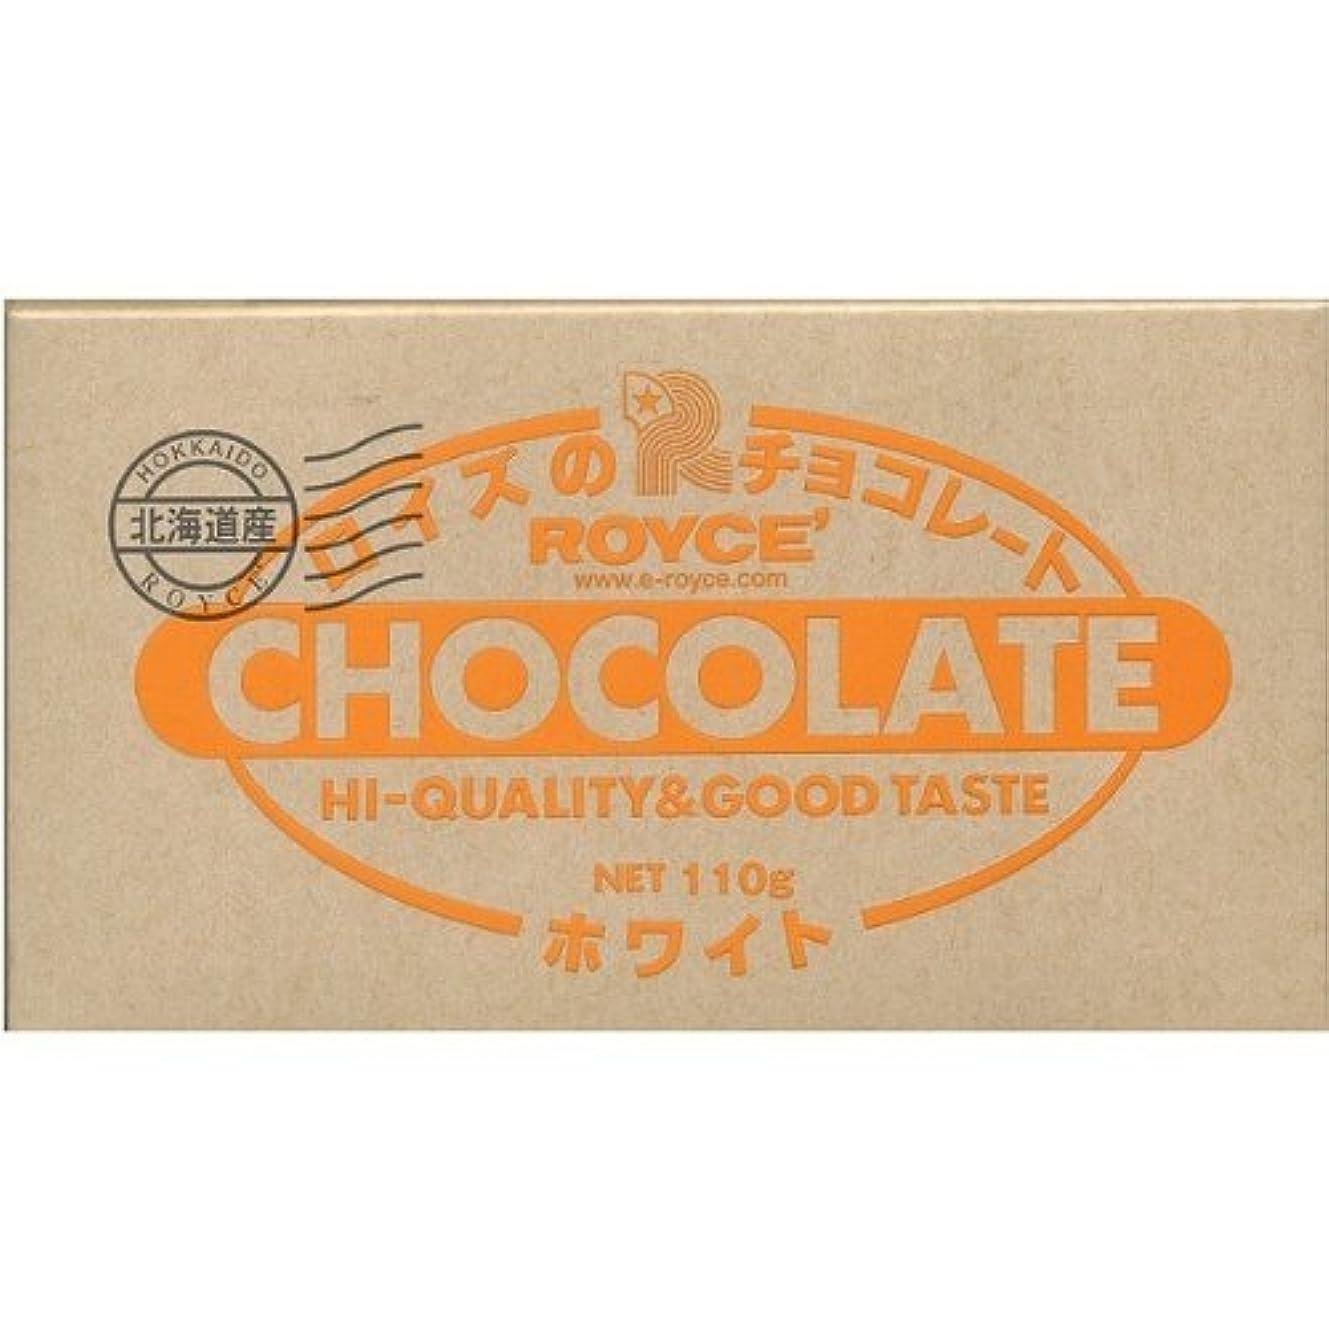 誇りに思う時間とともに類似性ROYCE'(ロイズ) 板チョコレート110g [ホワイト] ROYCE